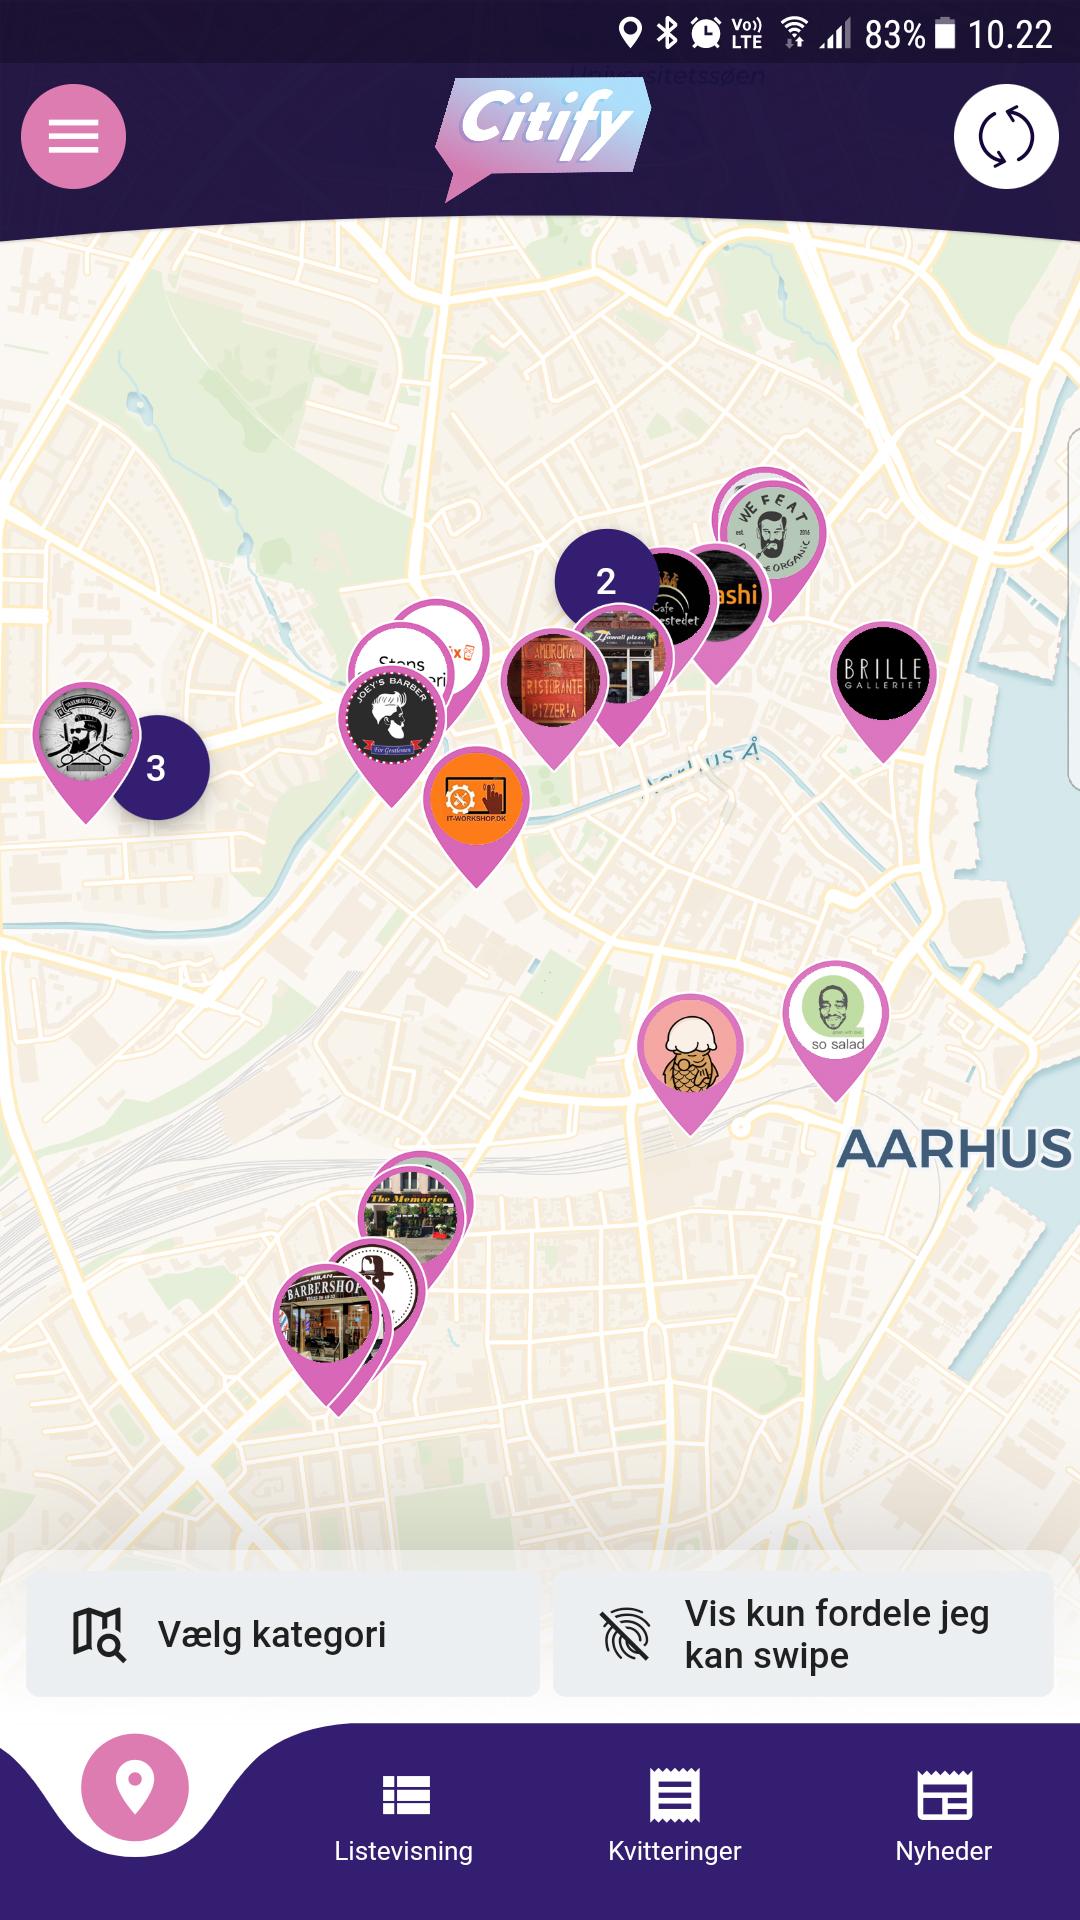 Citify: Ny fordelsklub og inspirationsguide i Aarhus